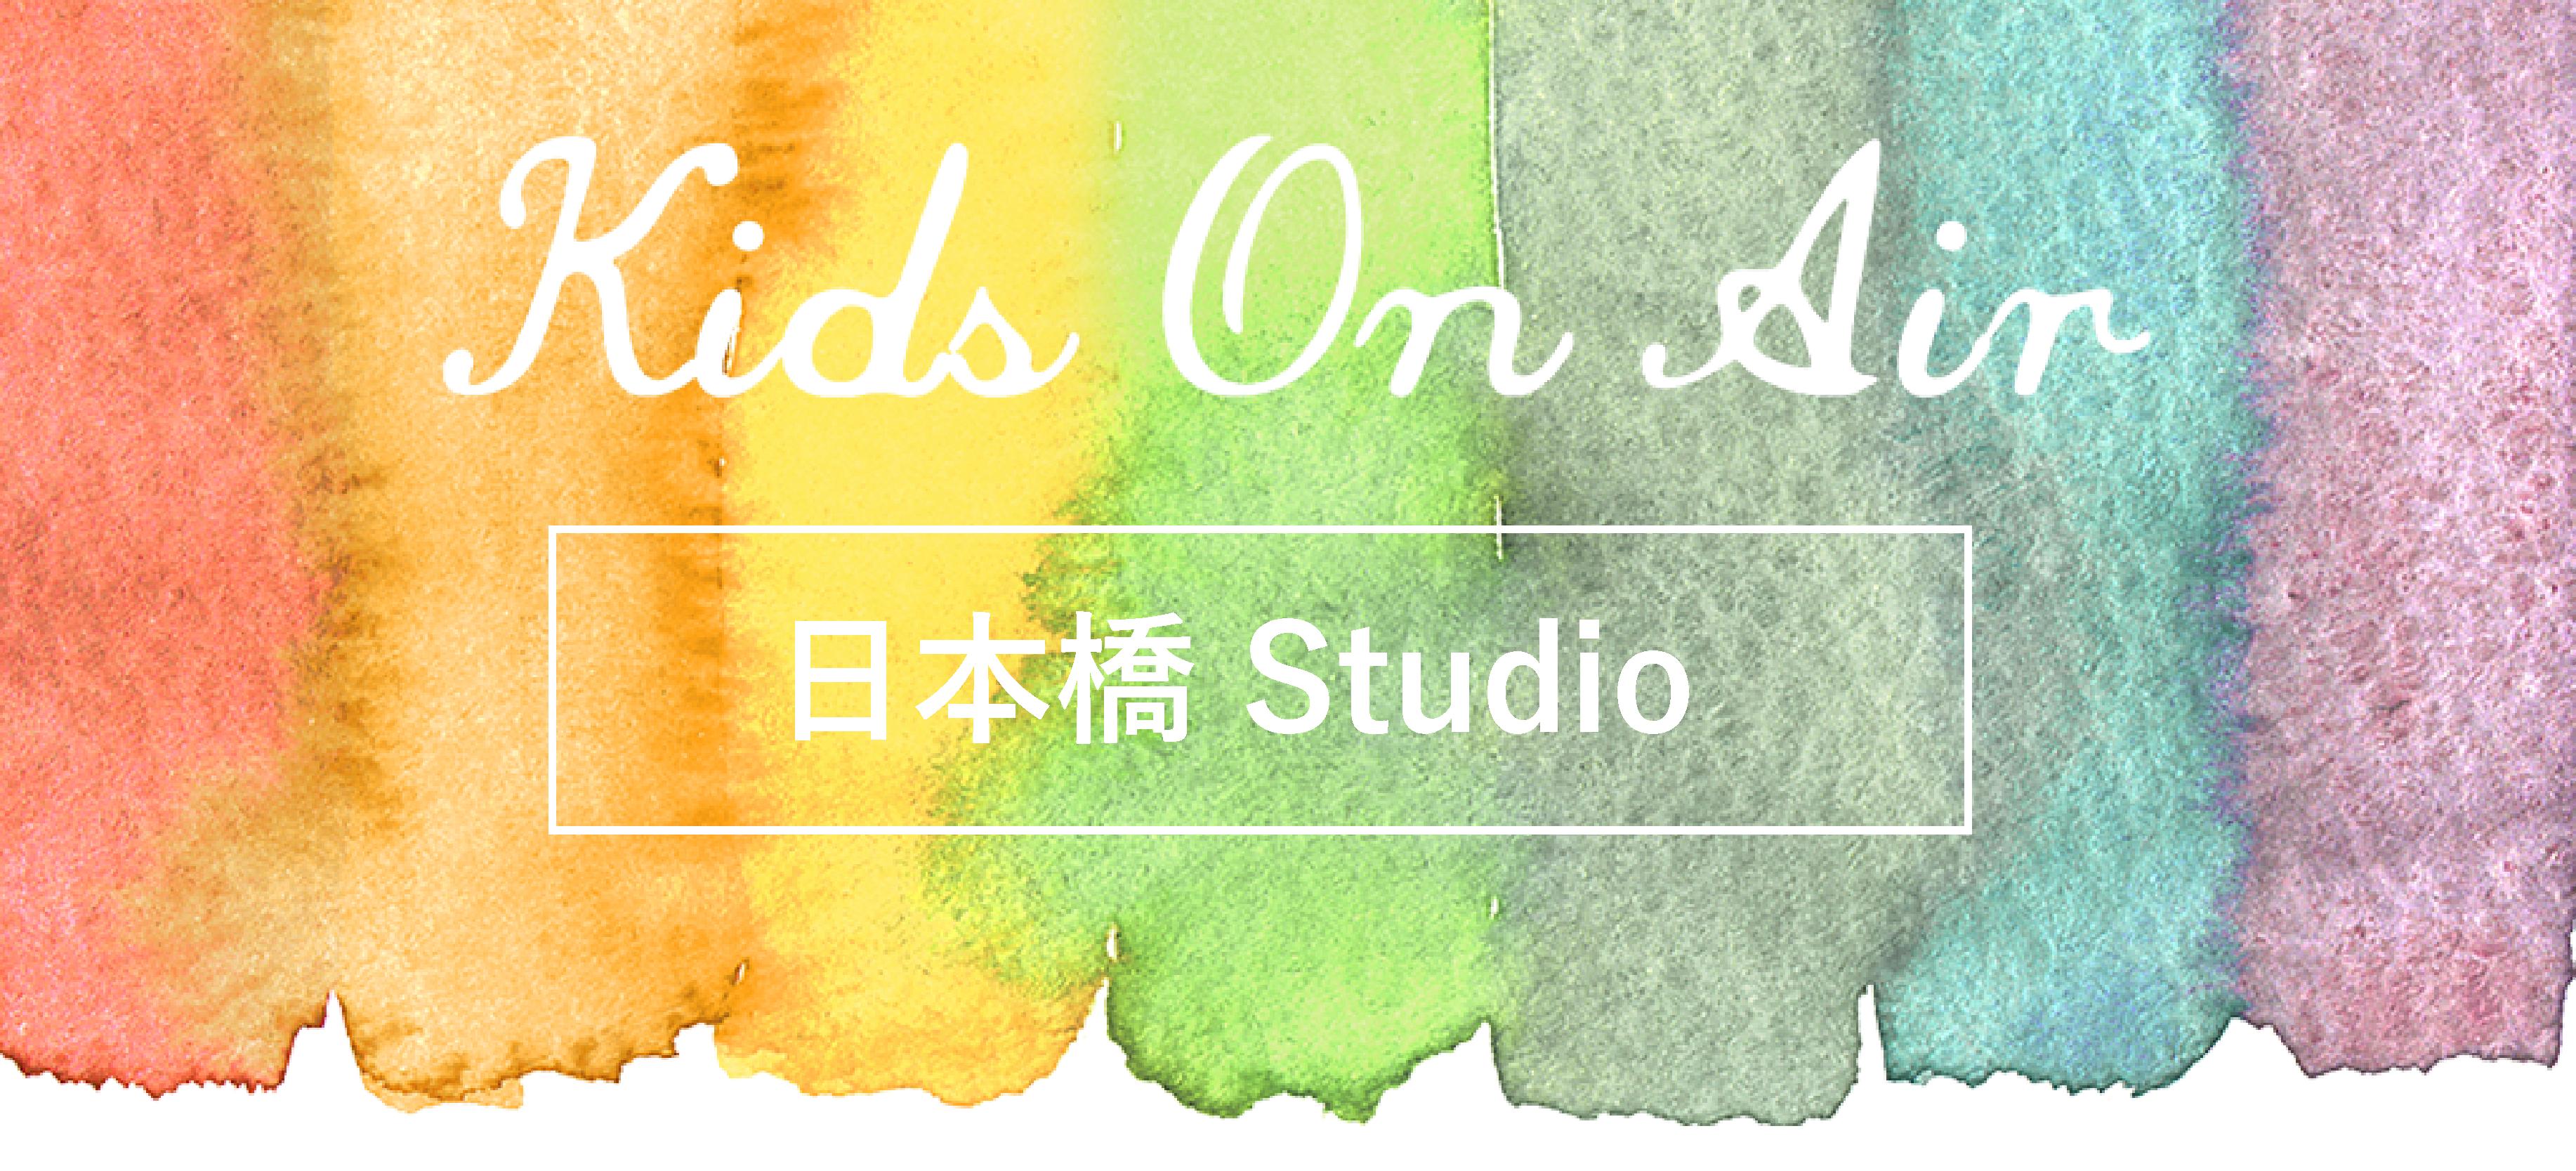 日本橋 Studio | kids on air